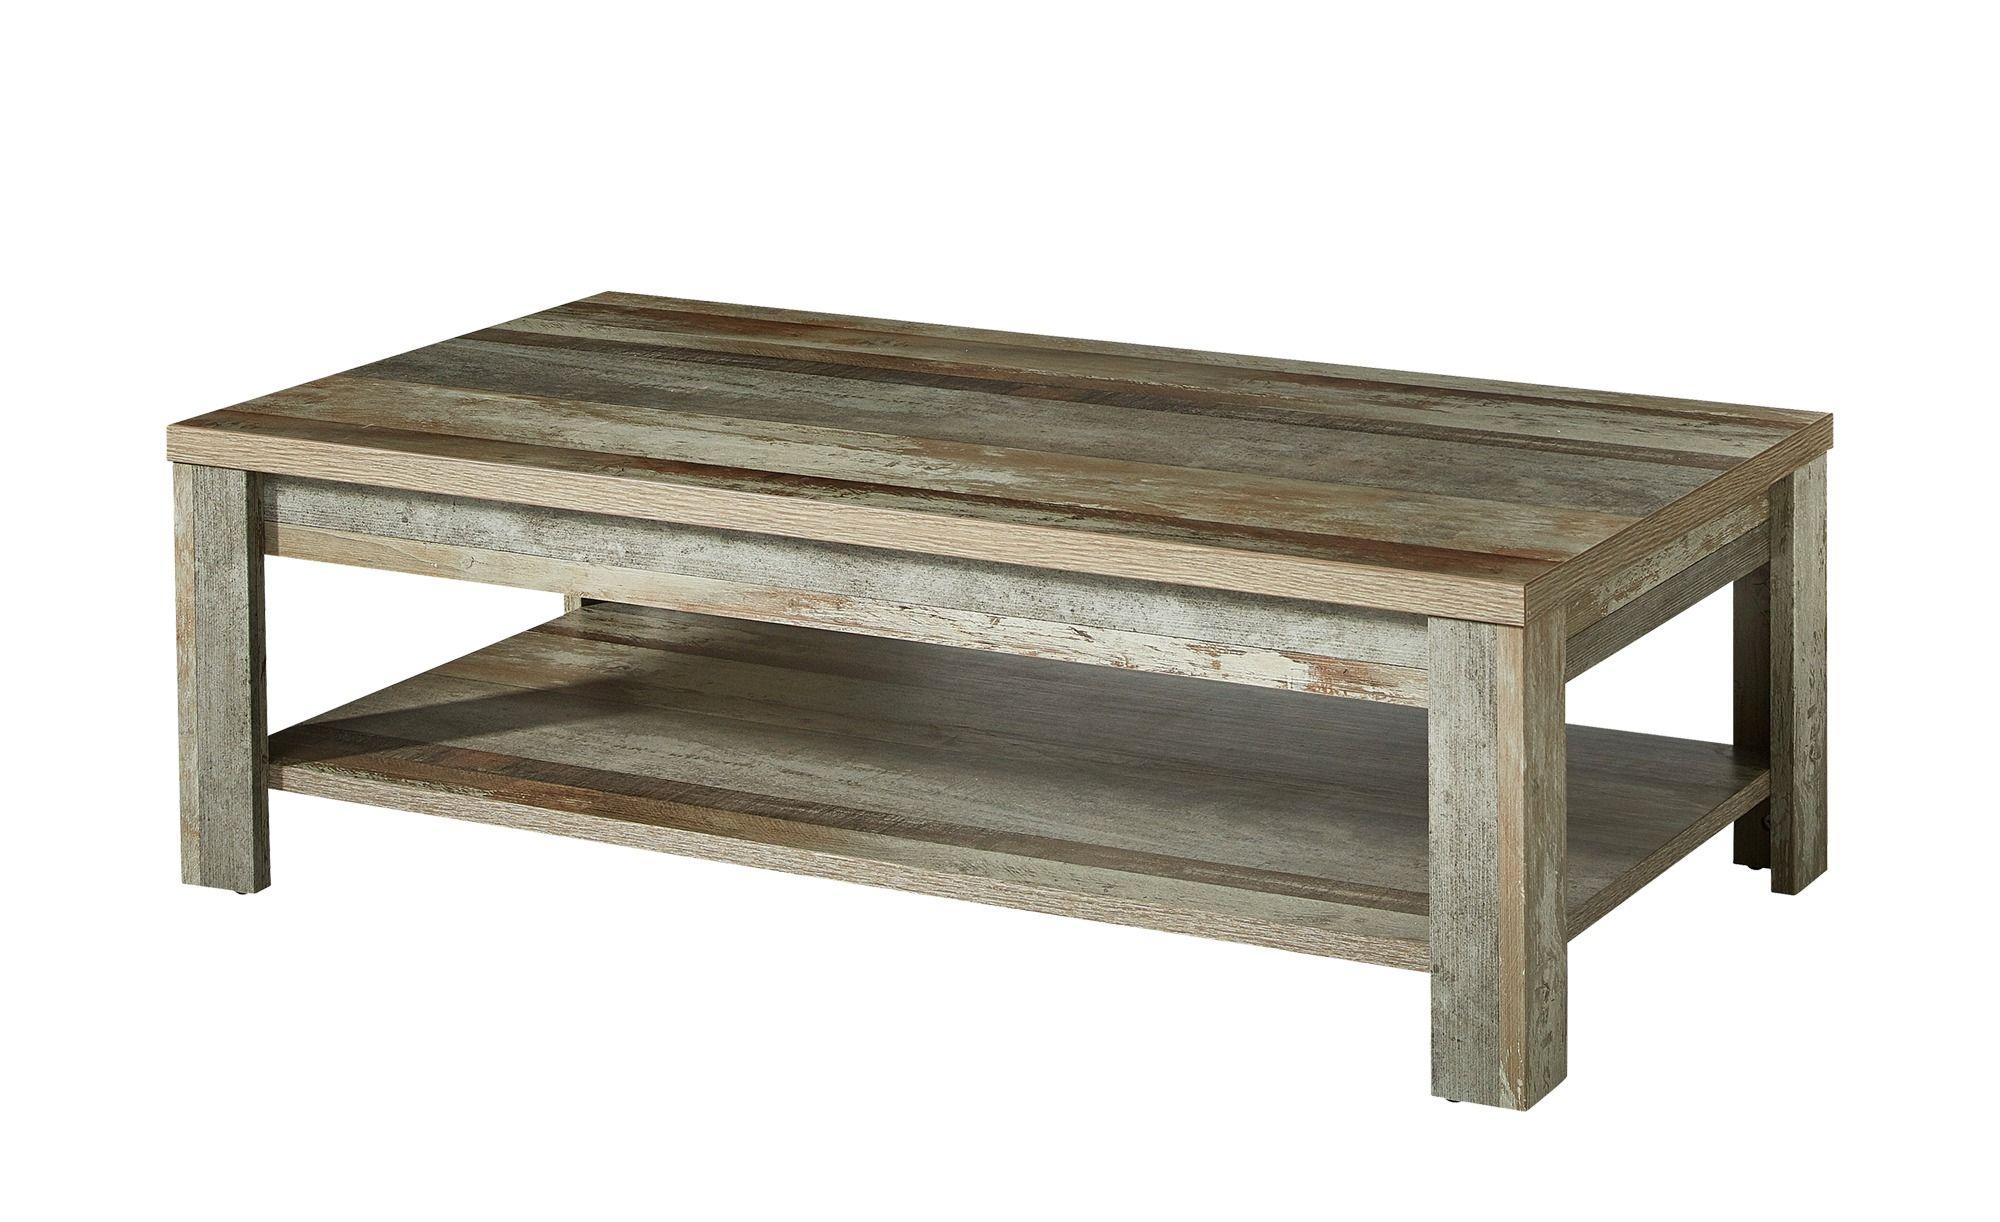 Couchtisch Sedona Holzfarben Masse Cm B 65 H 43 Tische